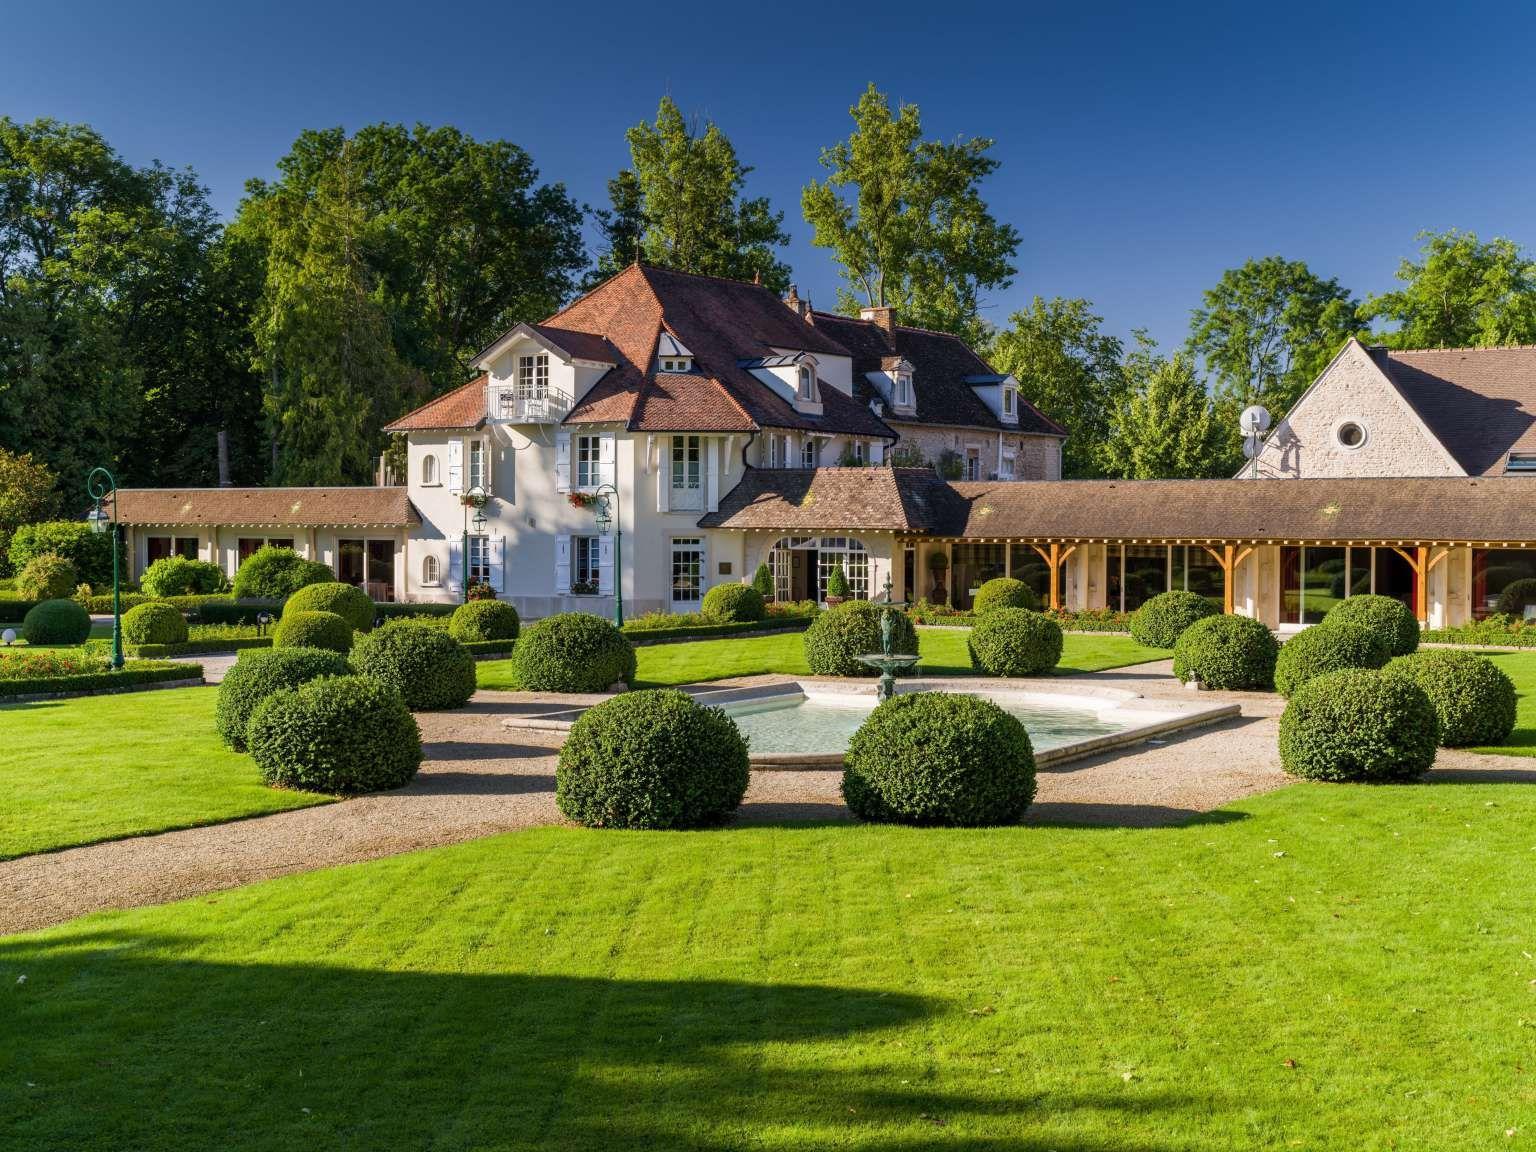 Hostellerie de Levernois | Hôtel de Luxe à Beaune | Château-Hôtel en Bourgogne